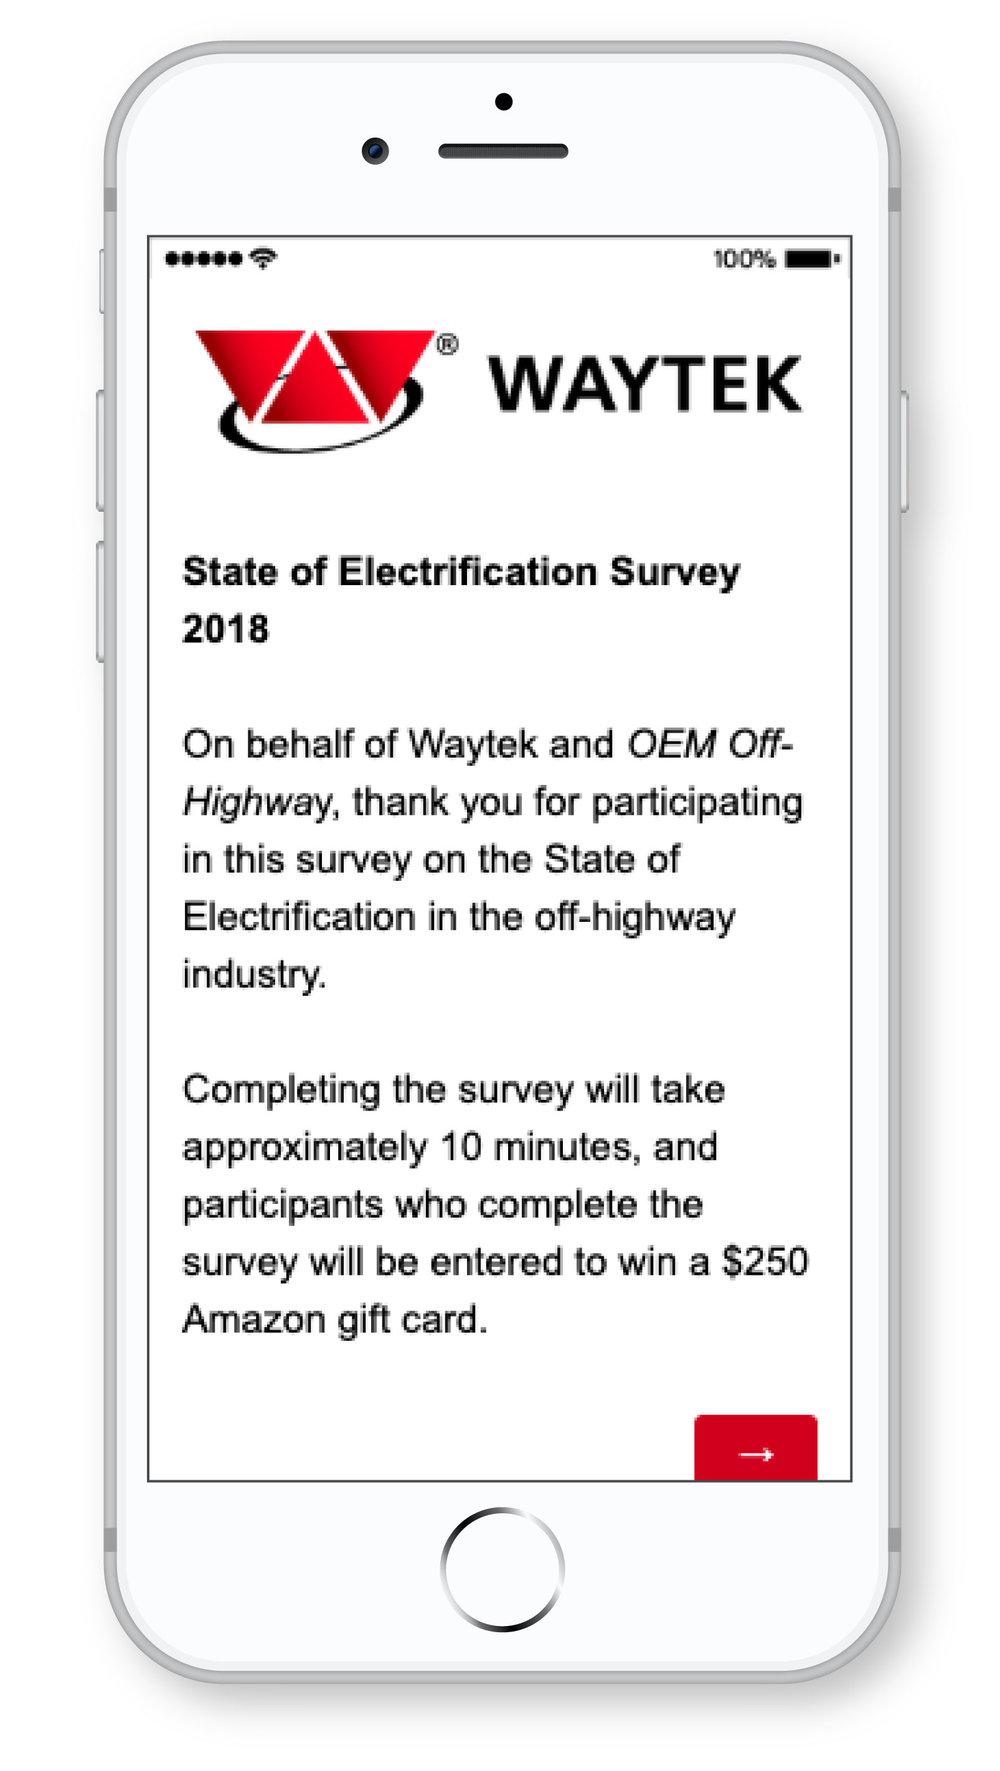 Waytek_Survey on Electrification_iPhone.jpg